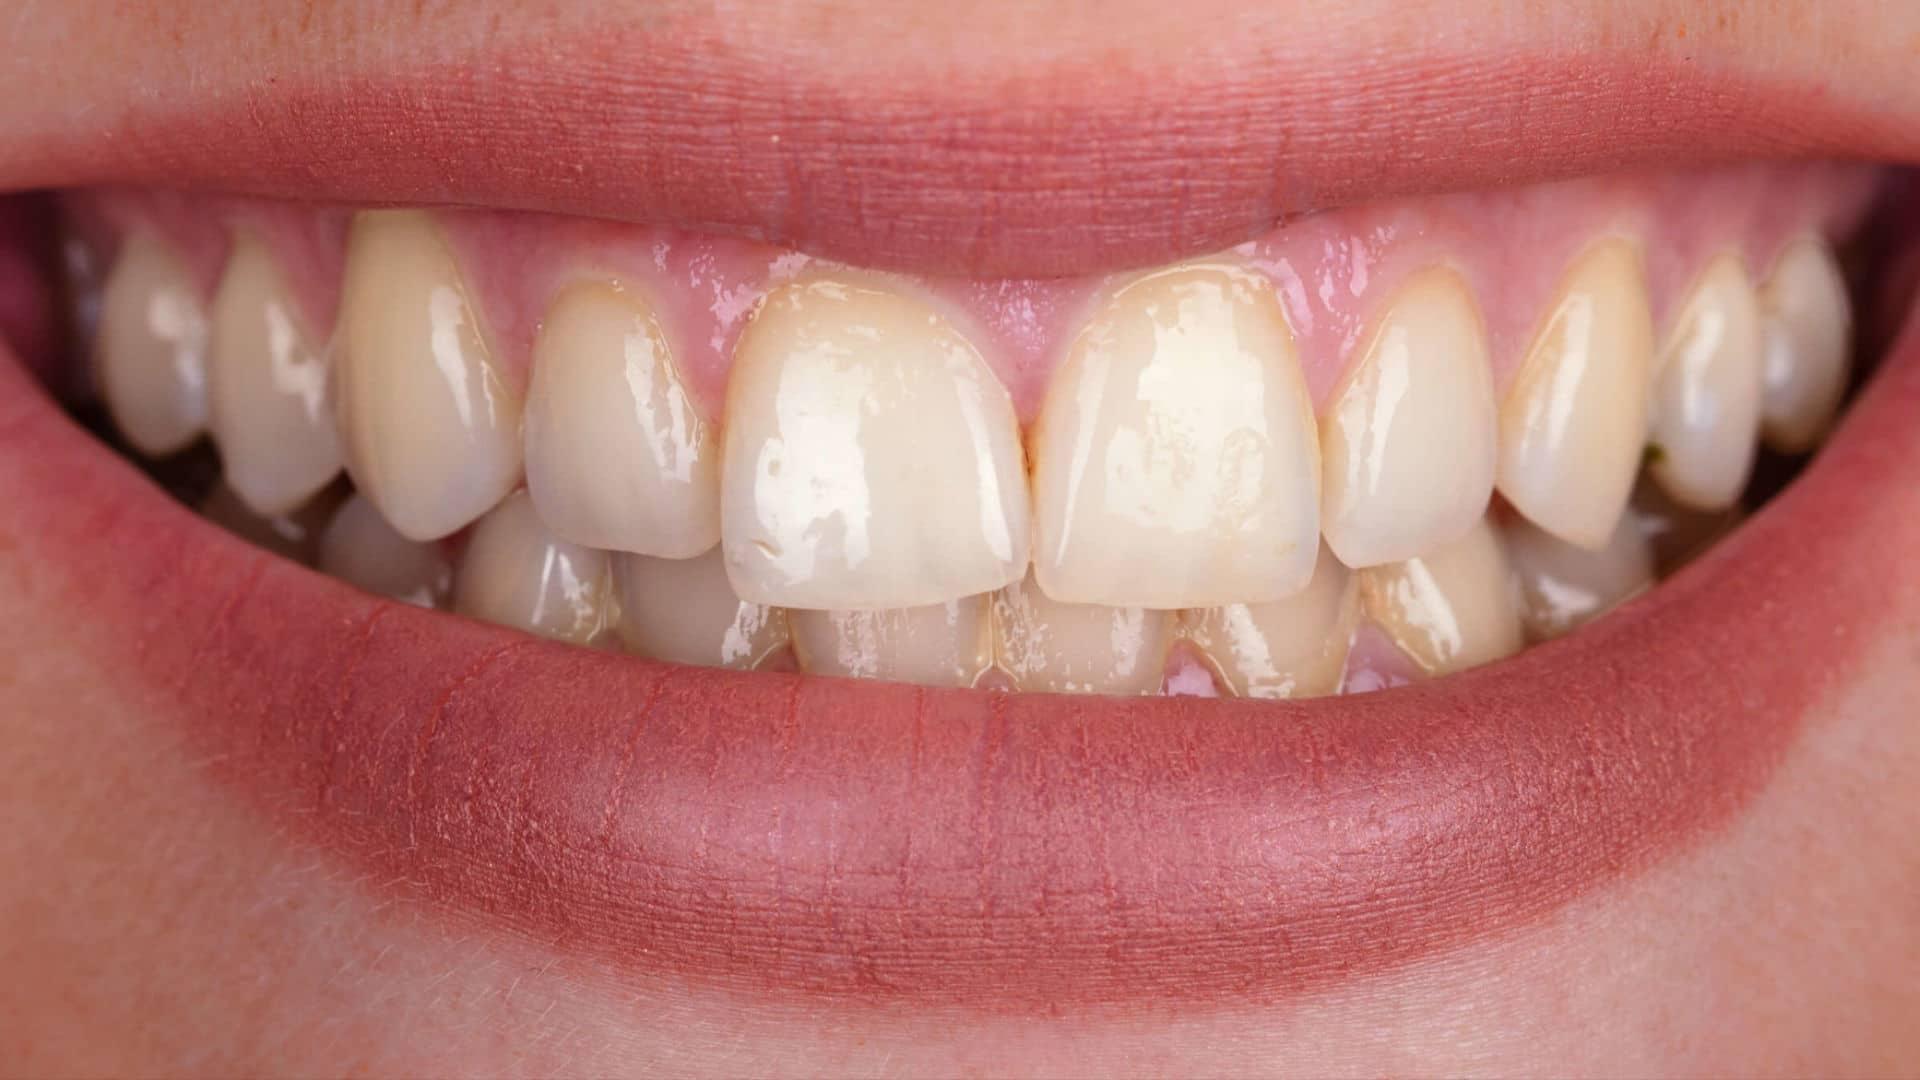 Процедура по професионално кабинетно избелване на зъби в дентална клиника Impression Dent резултат преди